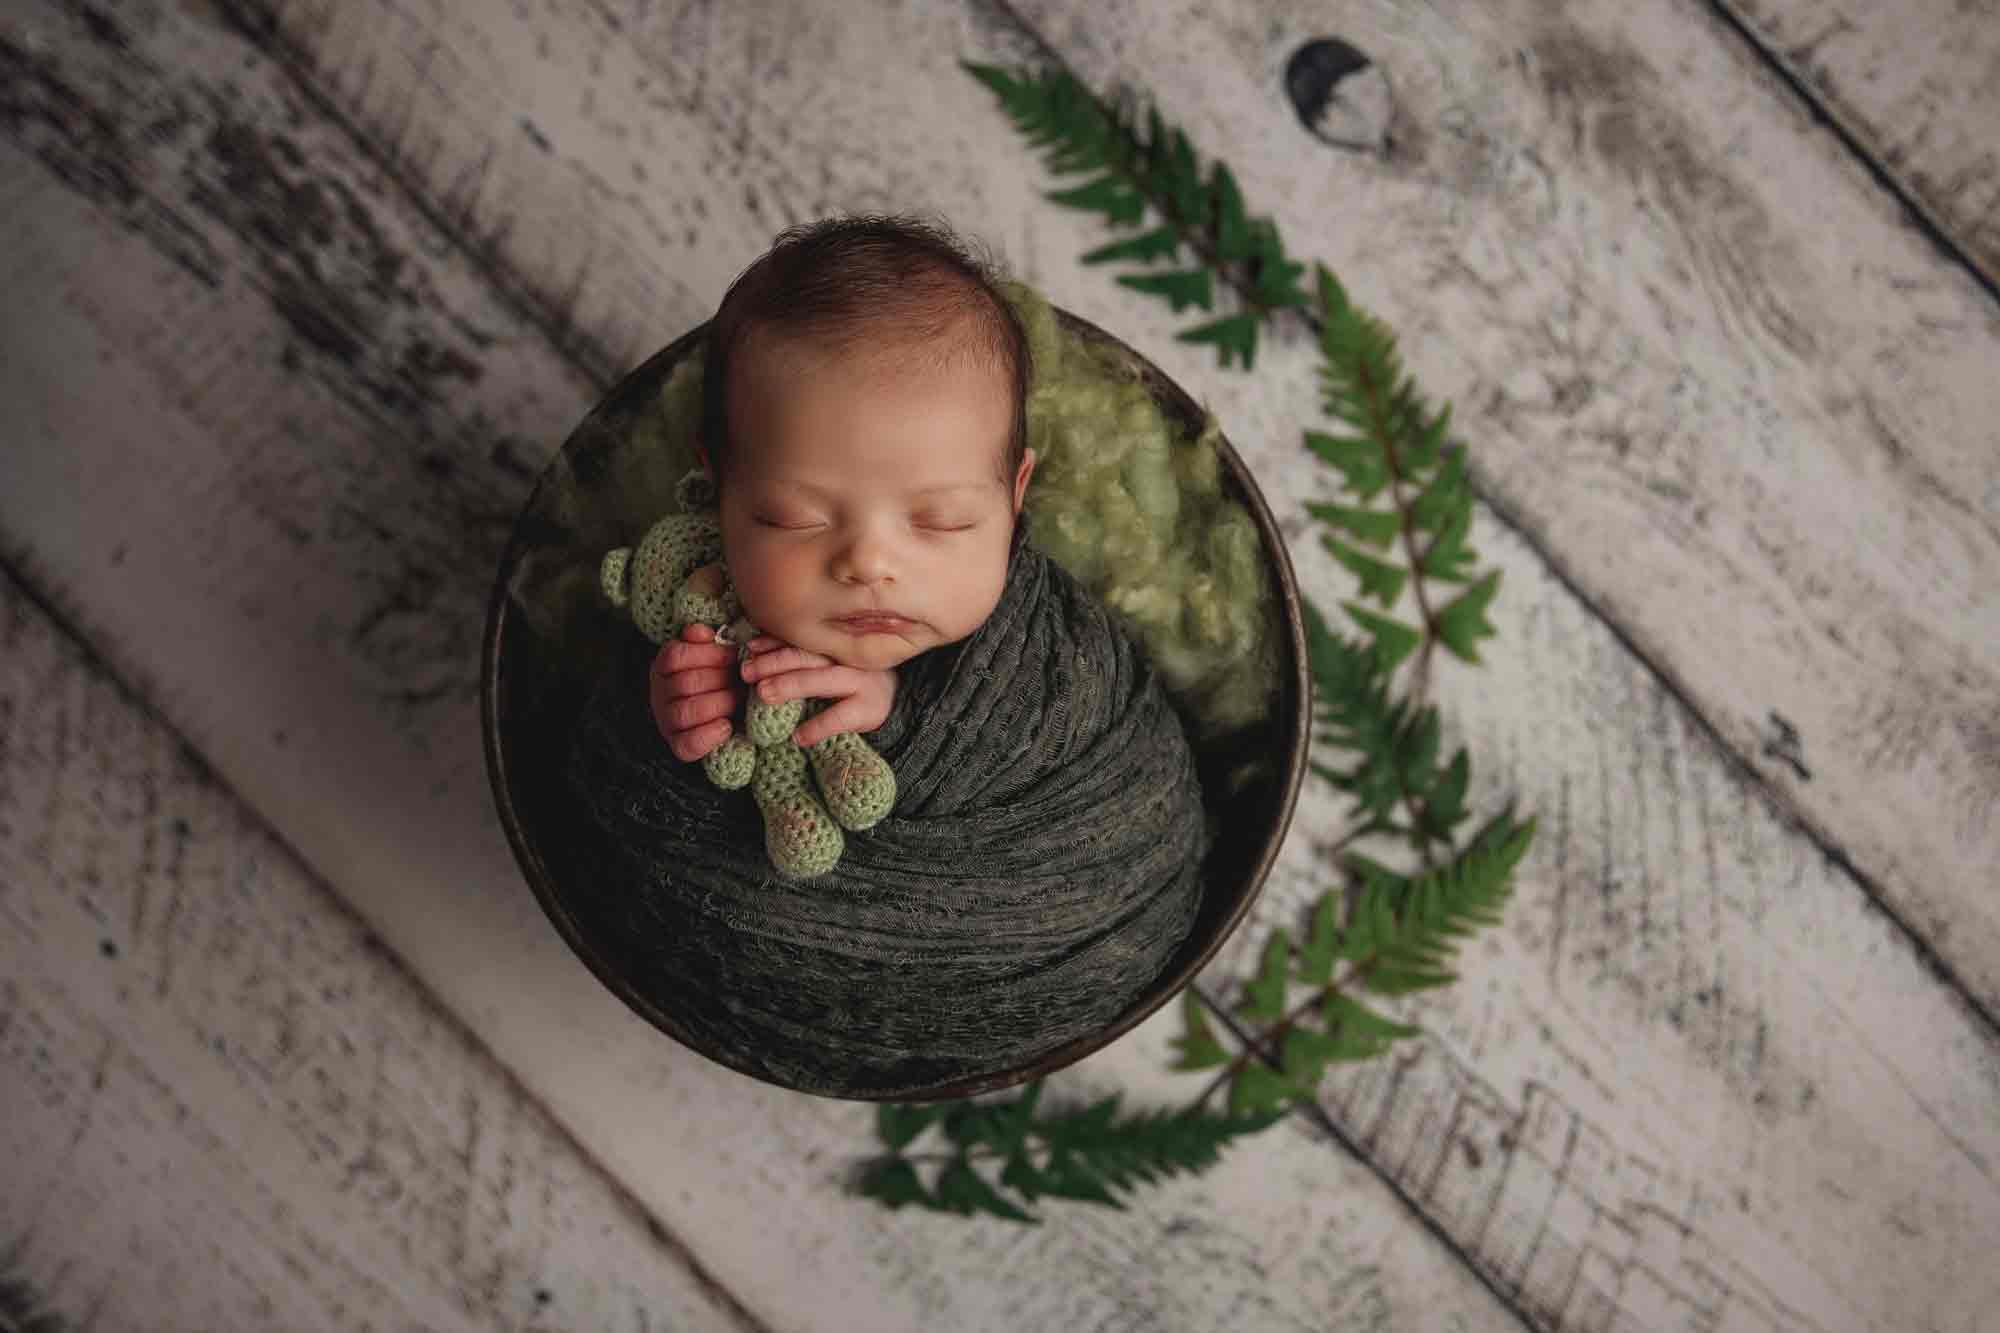 sergio-moreno-fabrica-de-suenos--cursos-de-fotografia-de-recien-nacidos-newborns-fotofest12